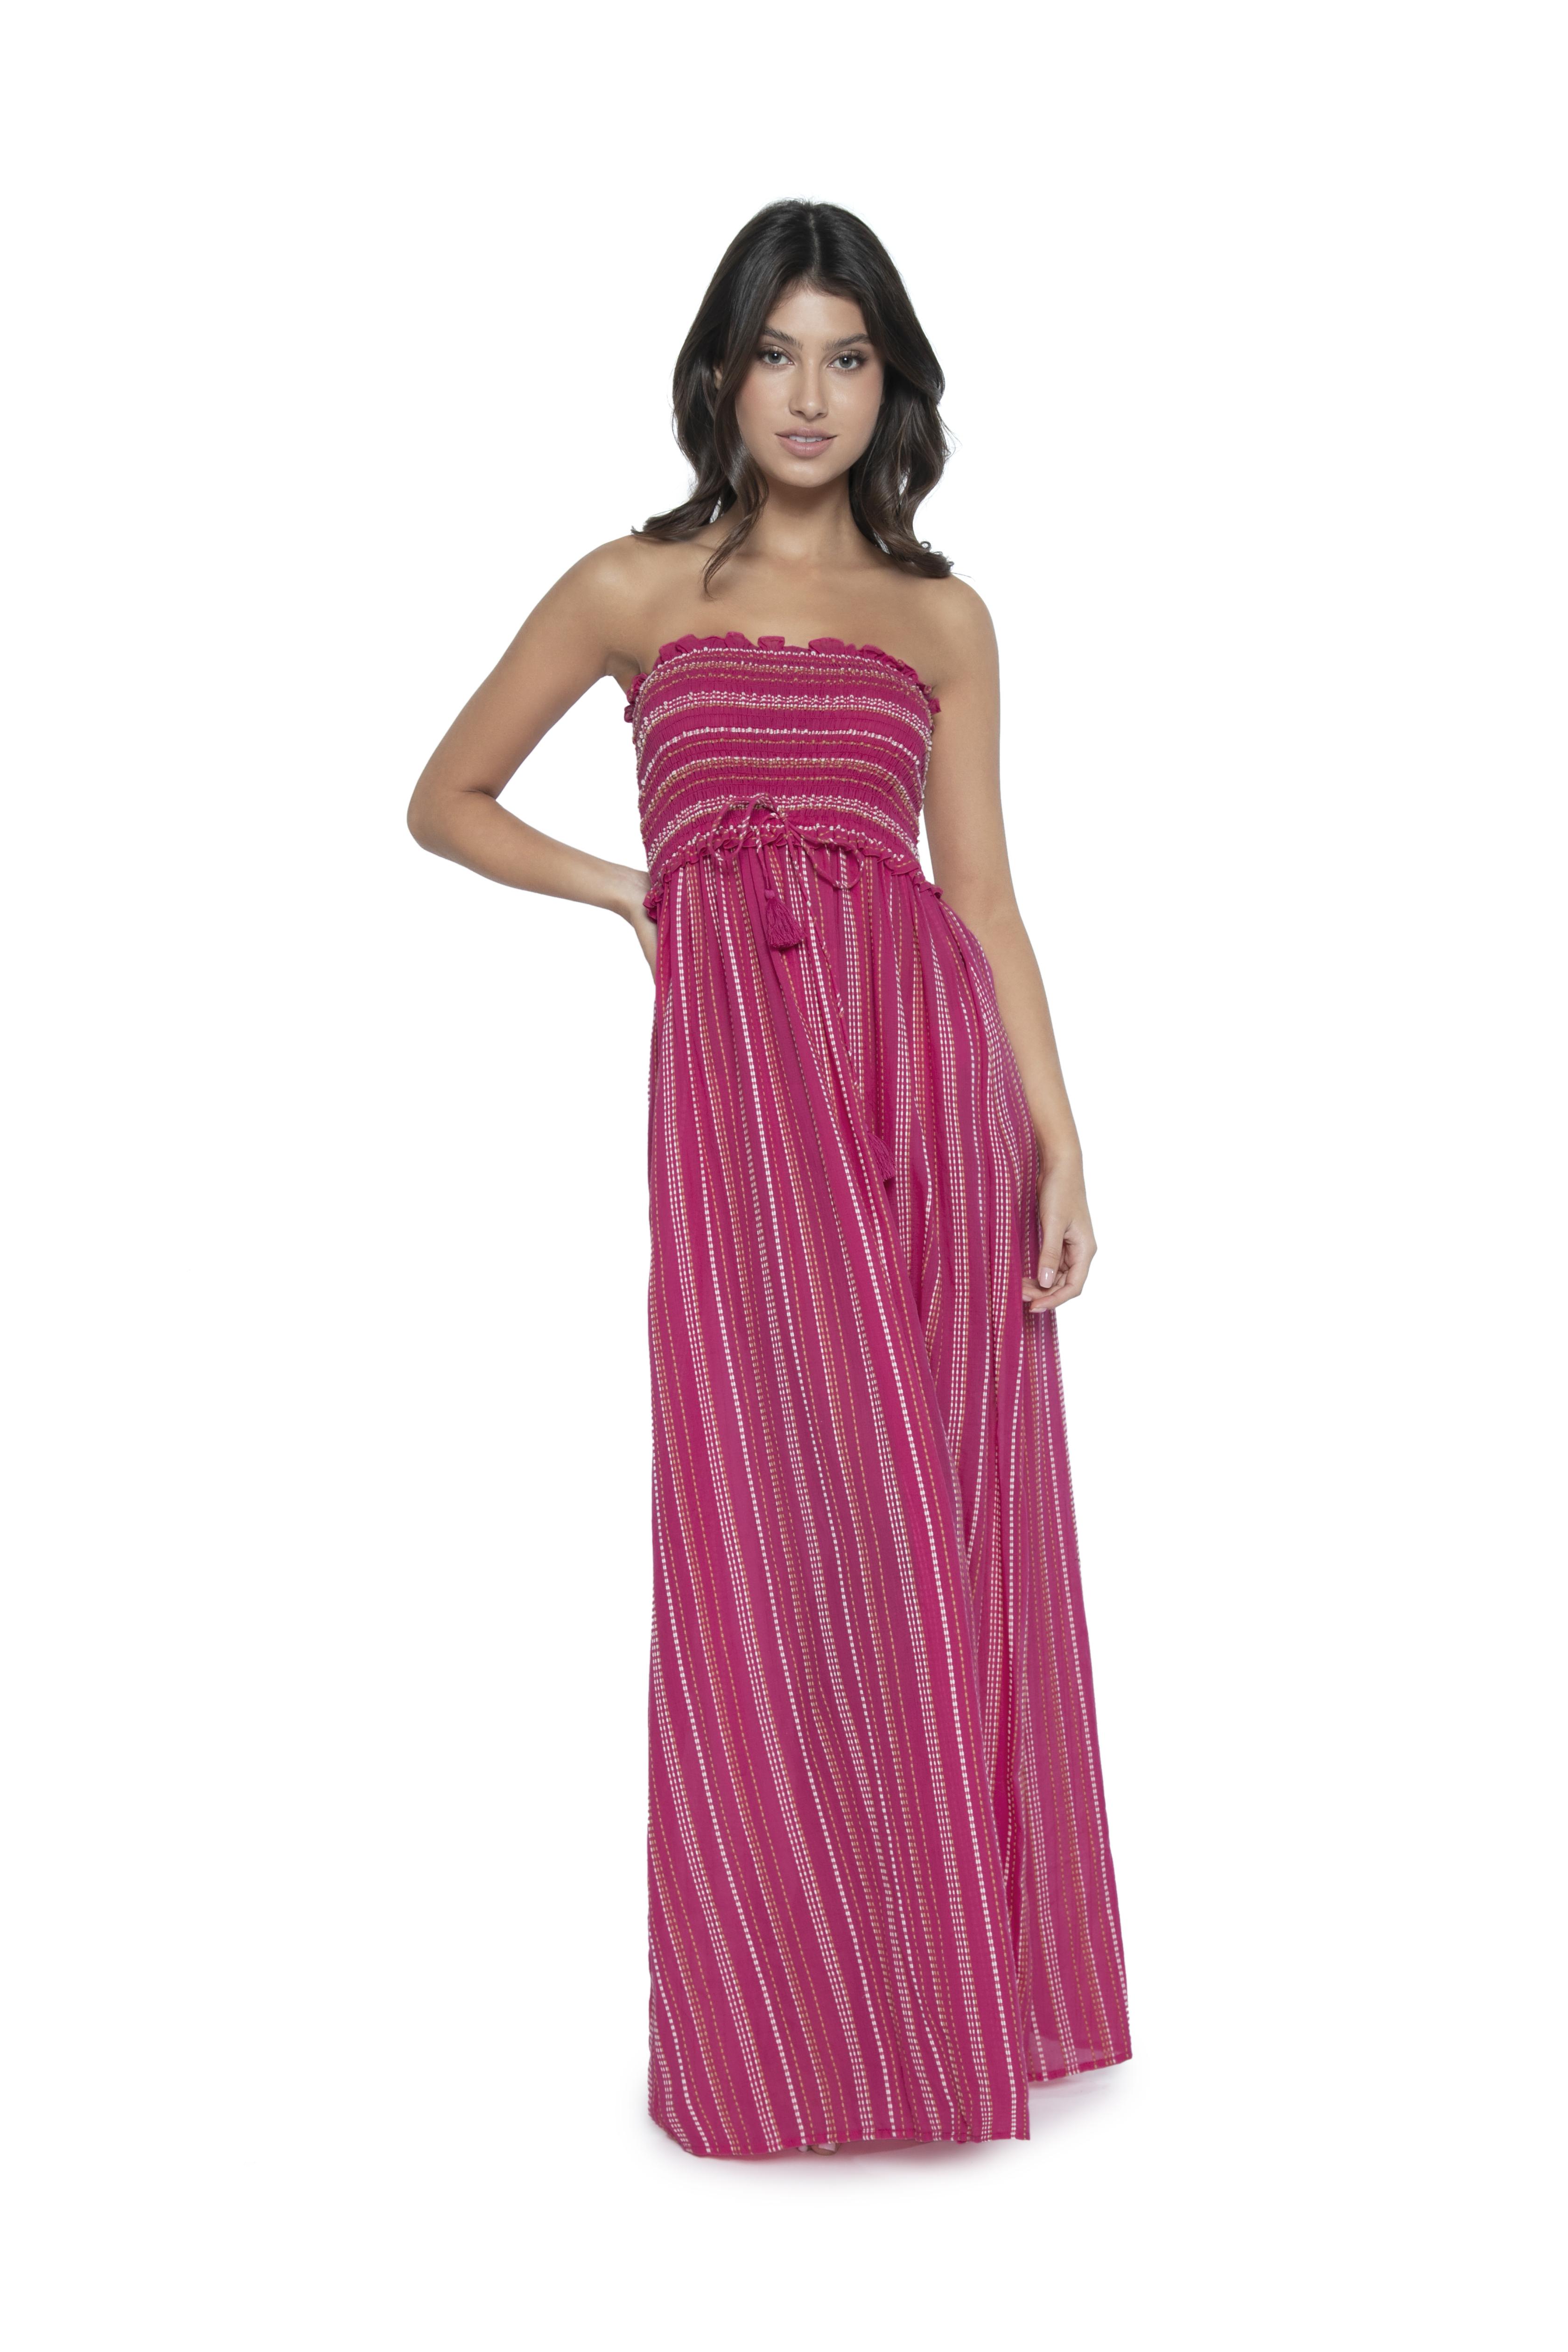 Pilyq Swim Pink Topaz Stephanie Maxi Dress